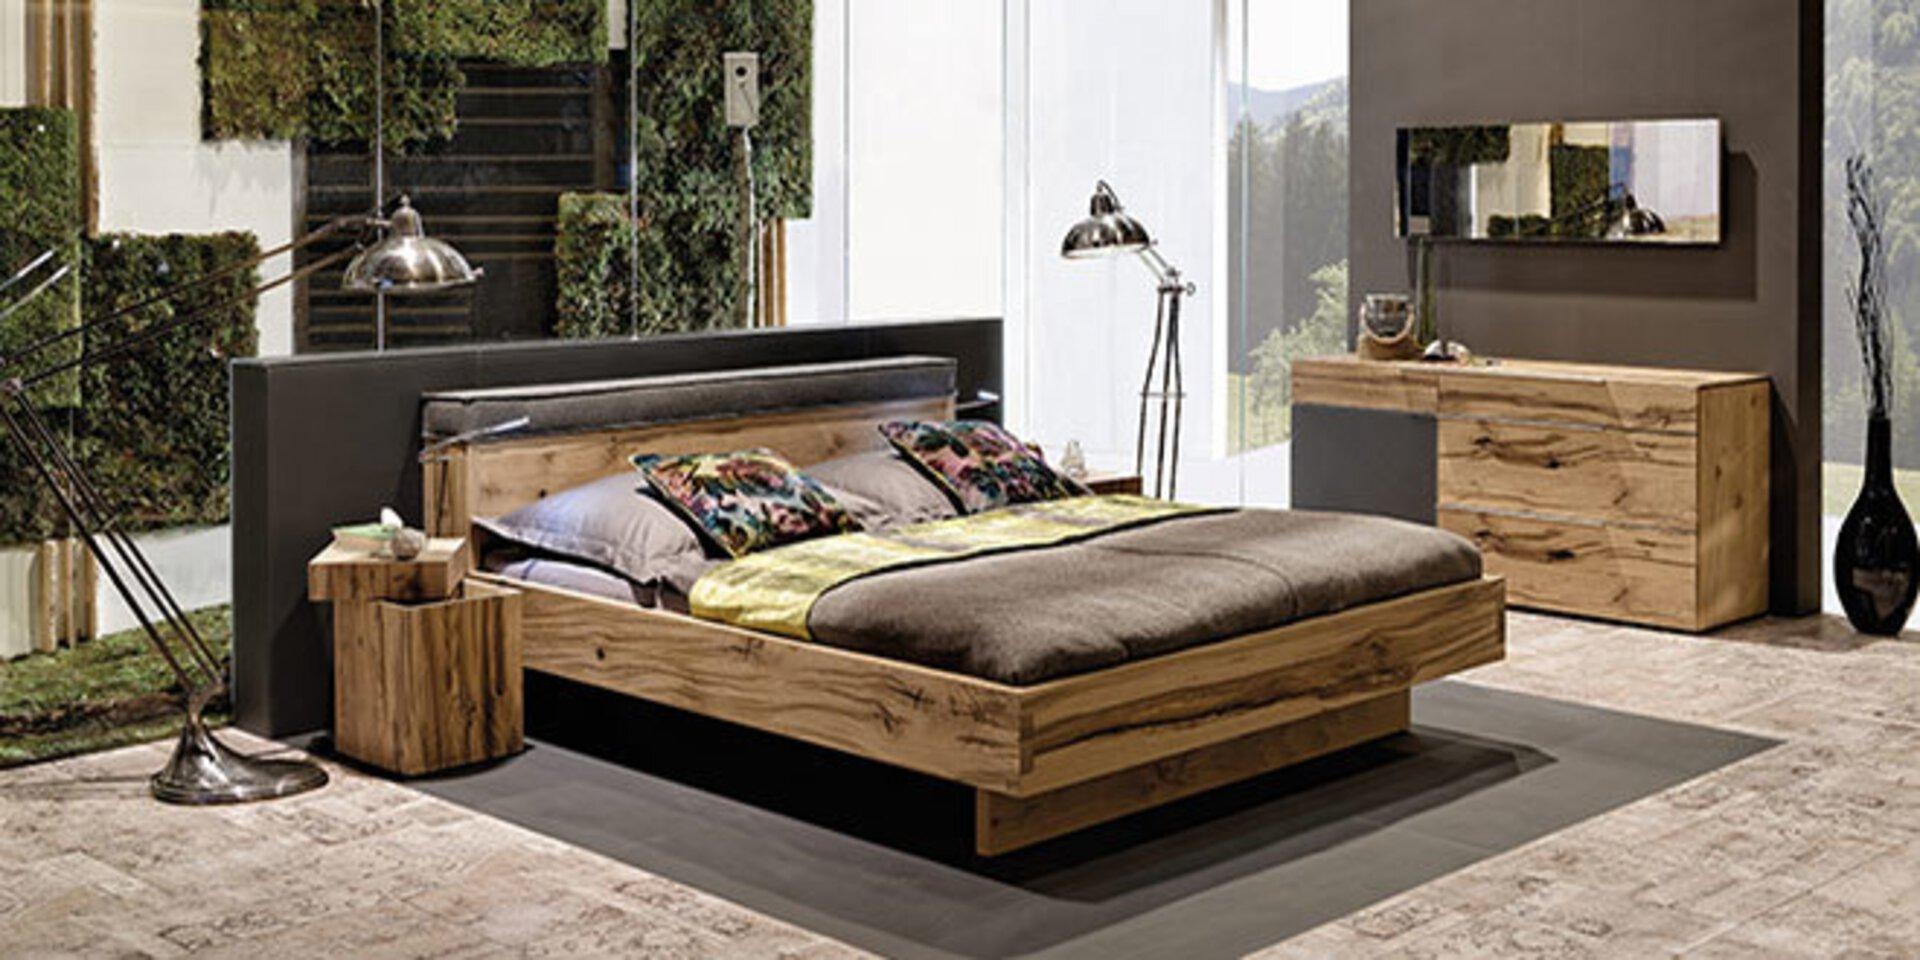 Titelbild der Premiummarke Voglauer - Möbel voller Leben. Abgebildet ist ein Schlafzimmer aus modernen Holzmöbeln.